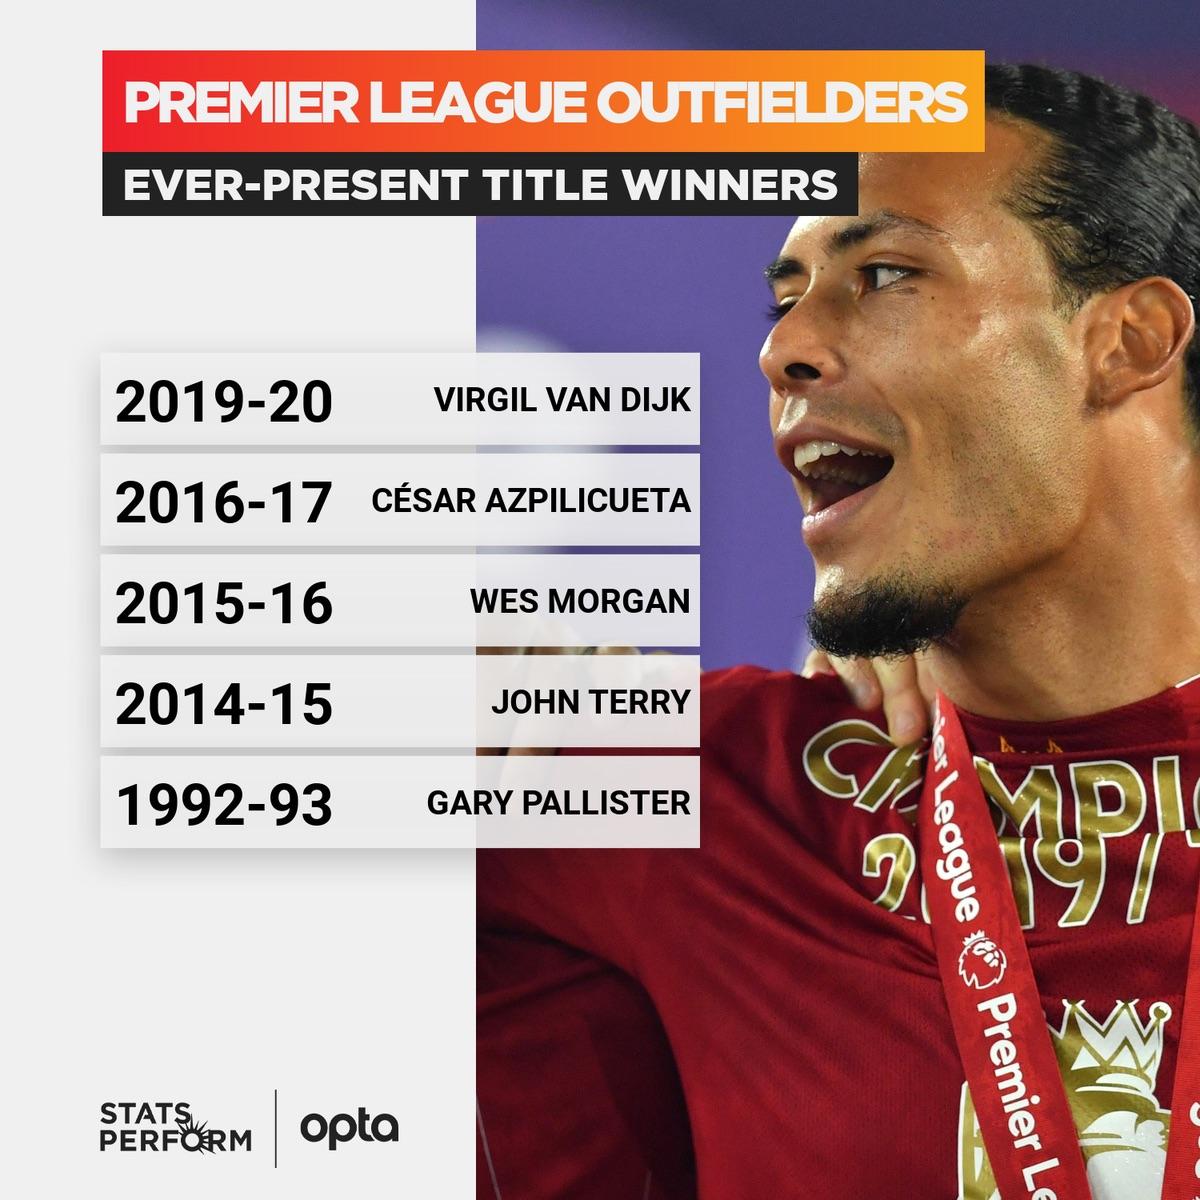 冠军基石!范戴克踢满利物浦本赛季所有英超比赛